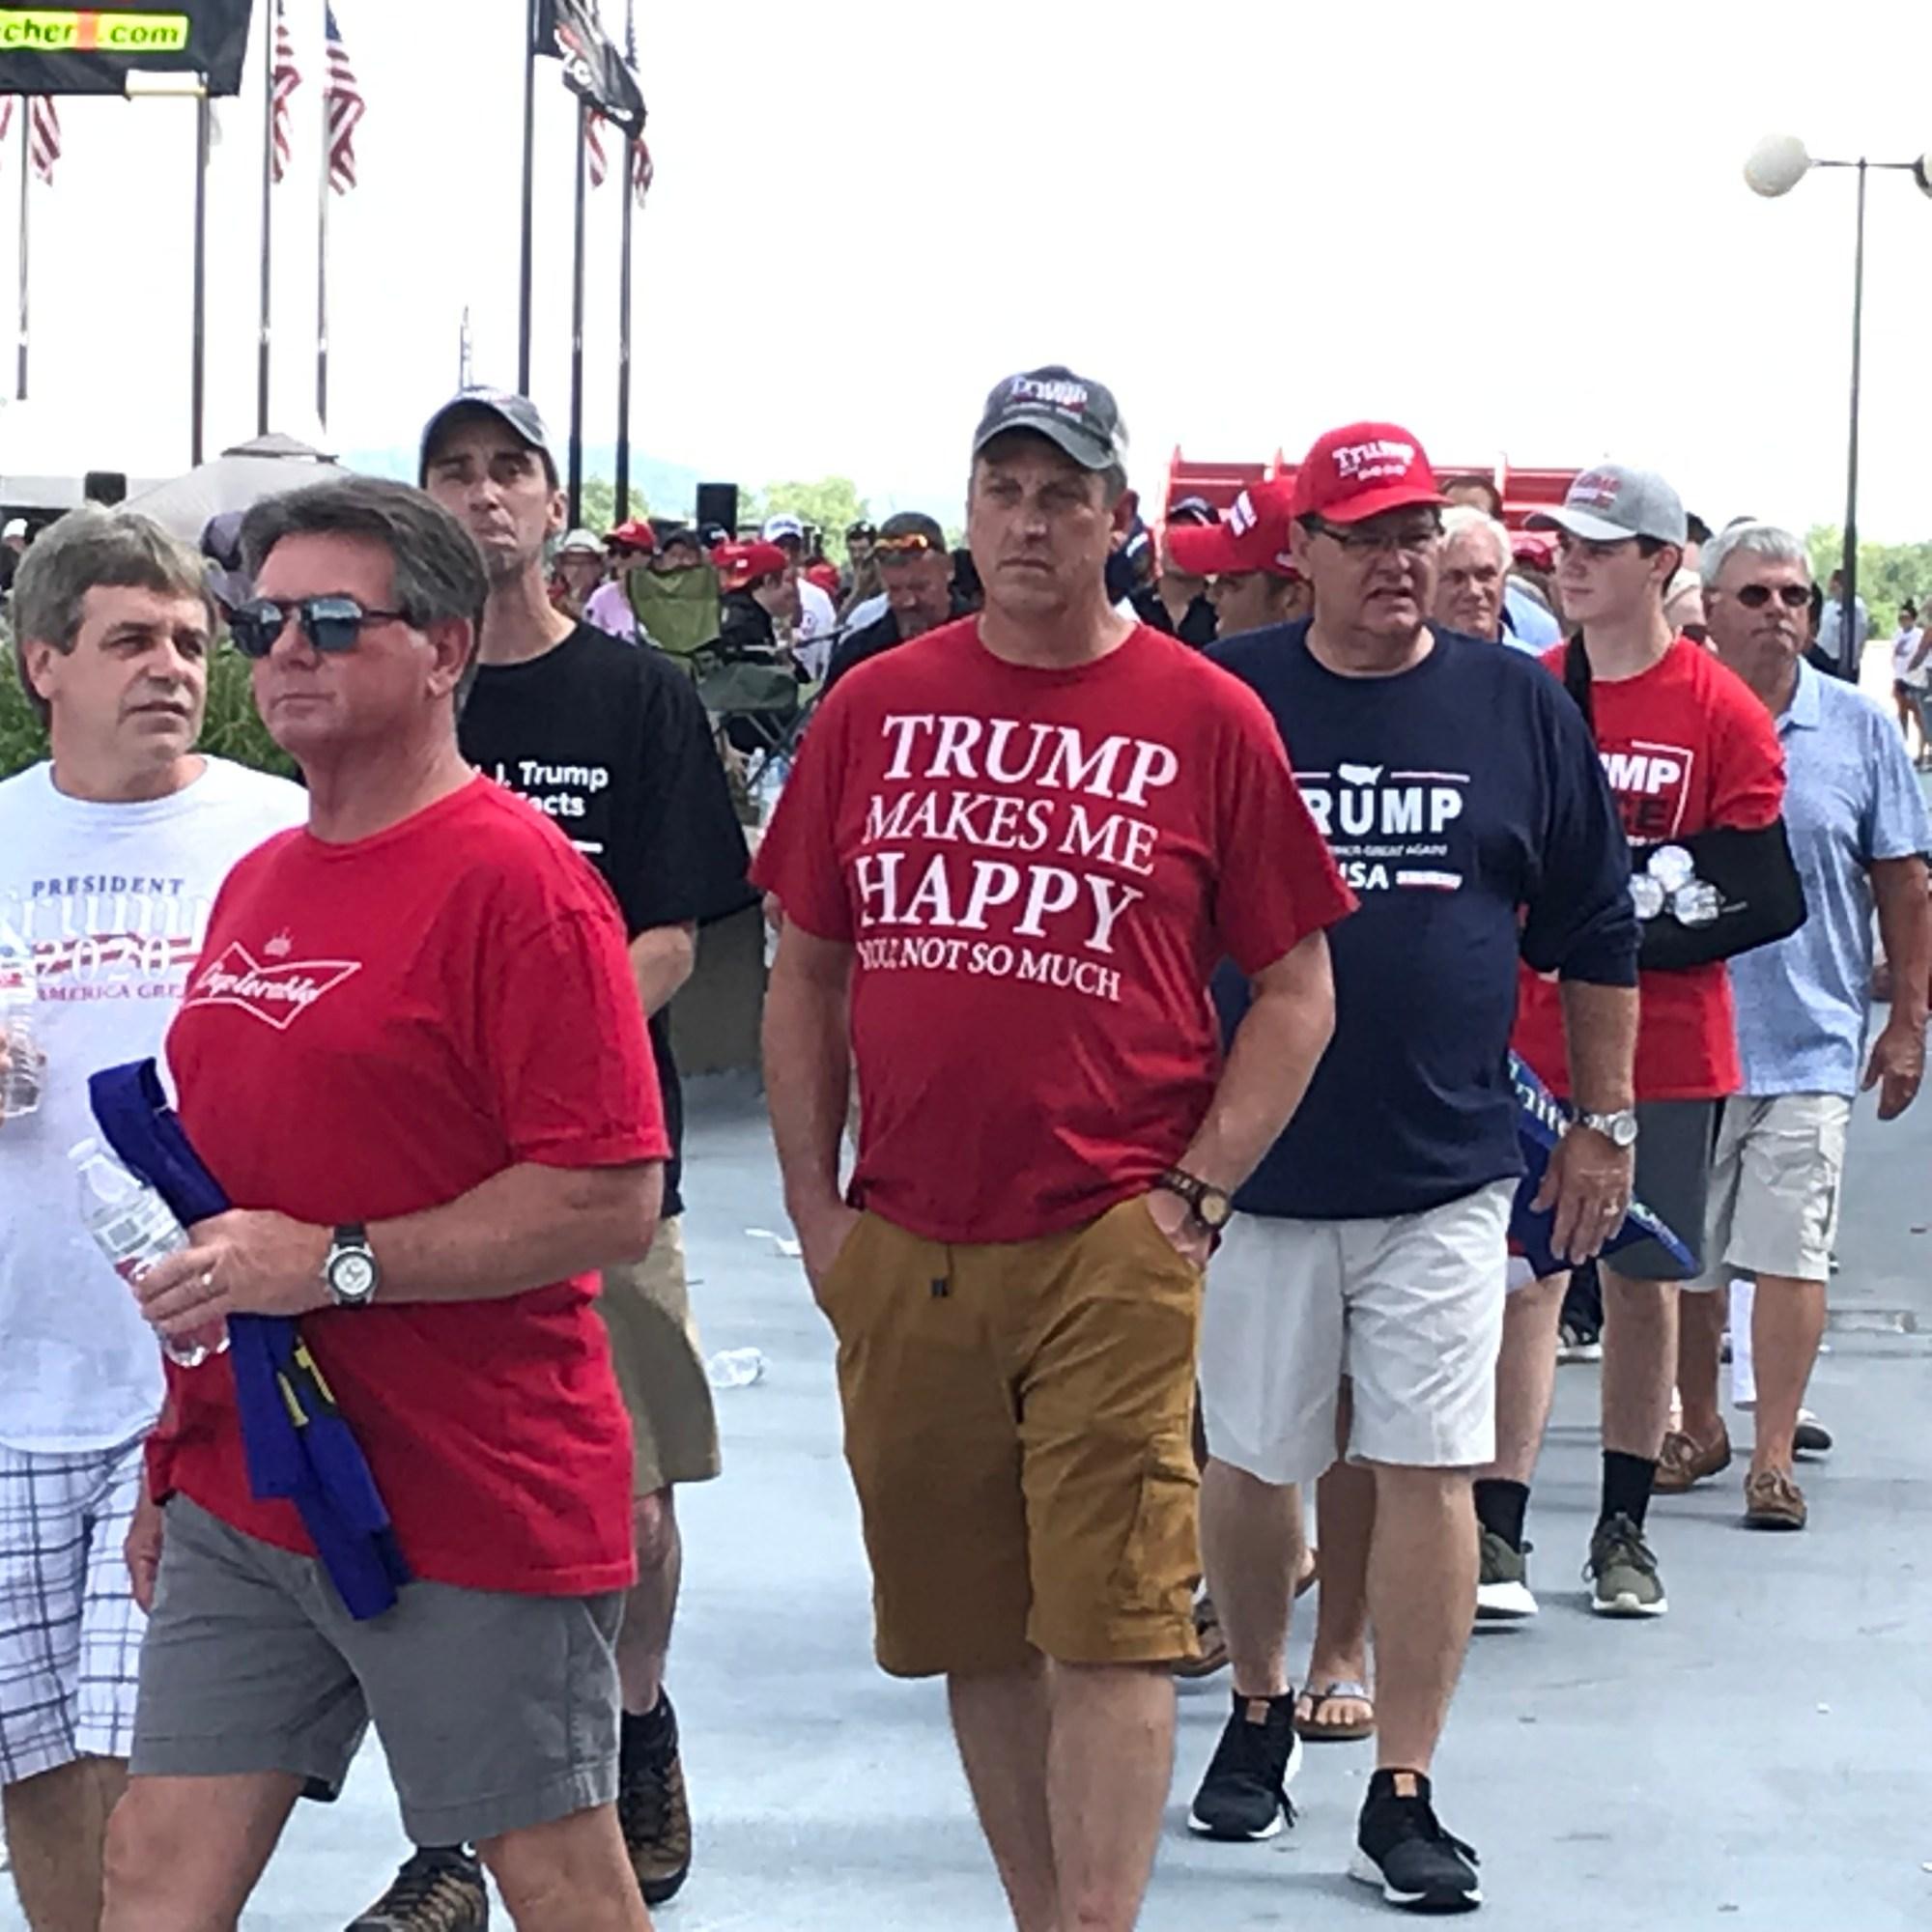 Sights at the Trump Rally 14